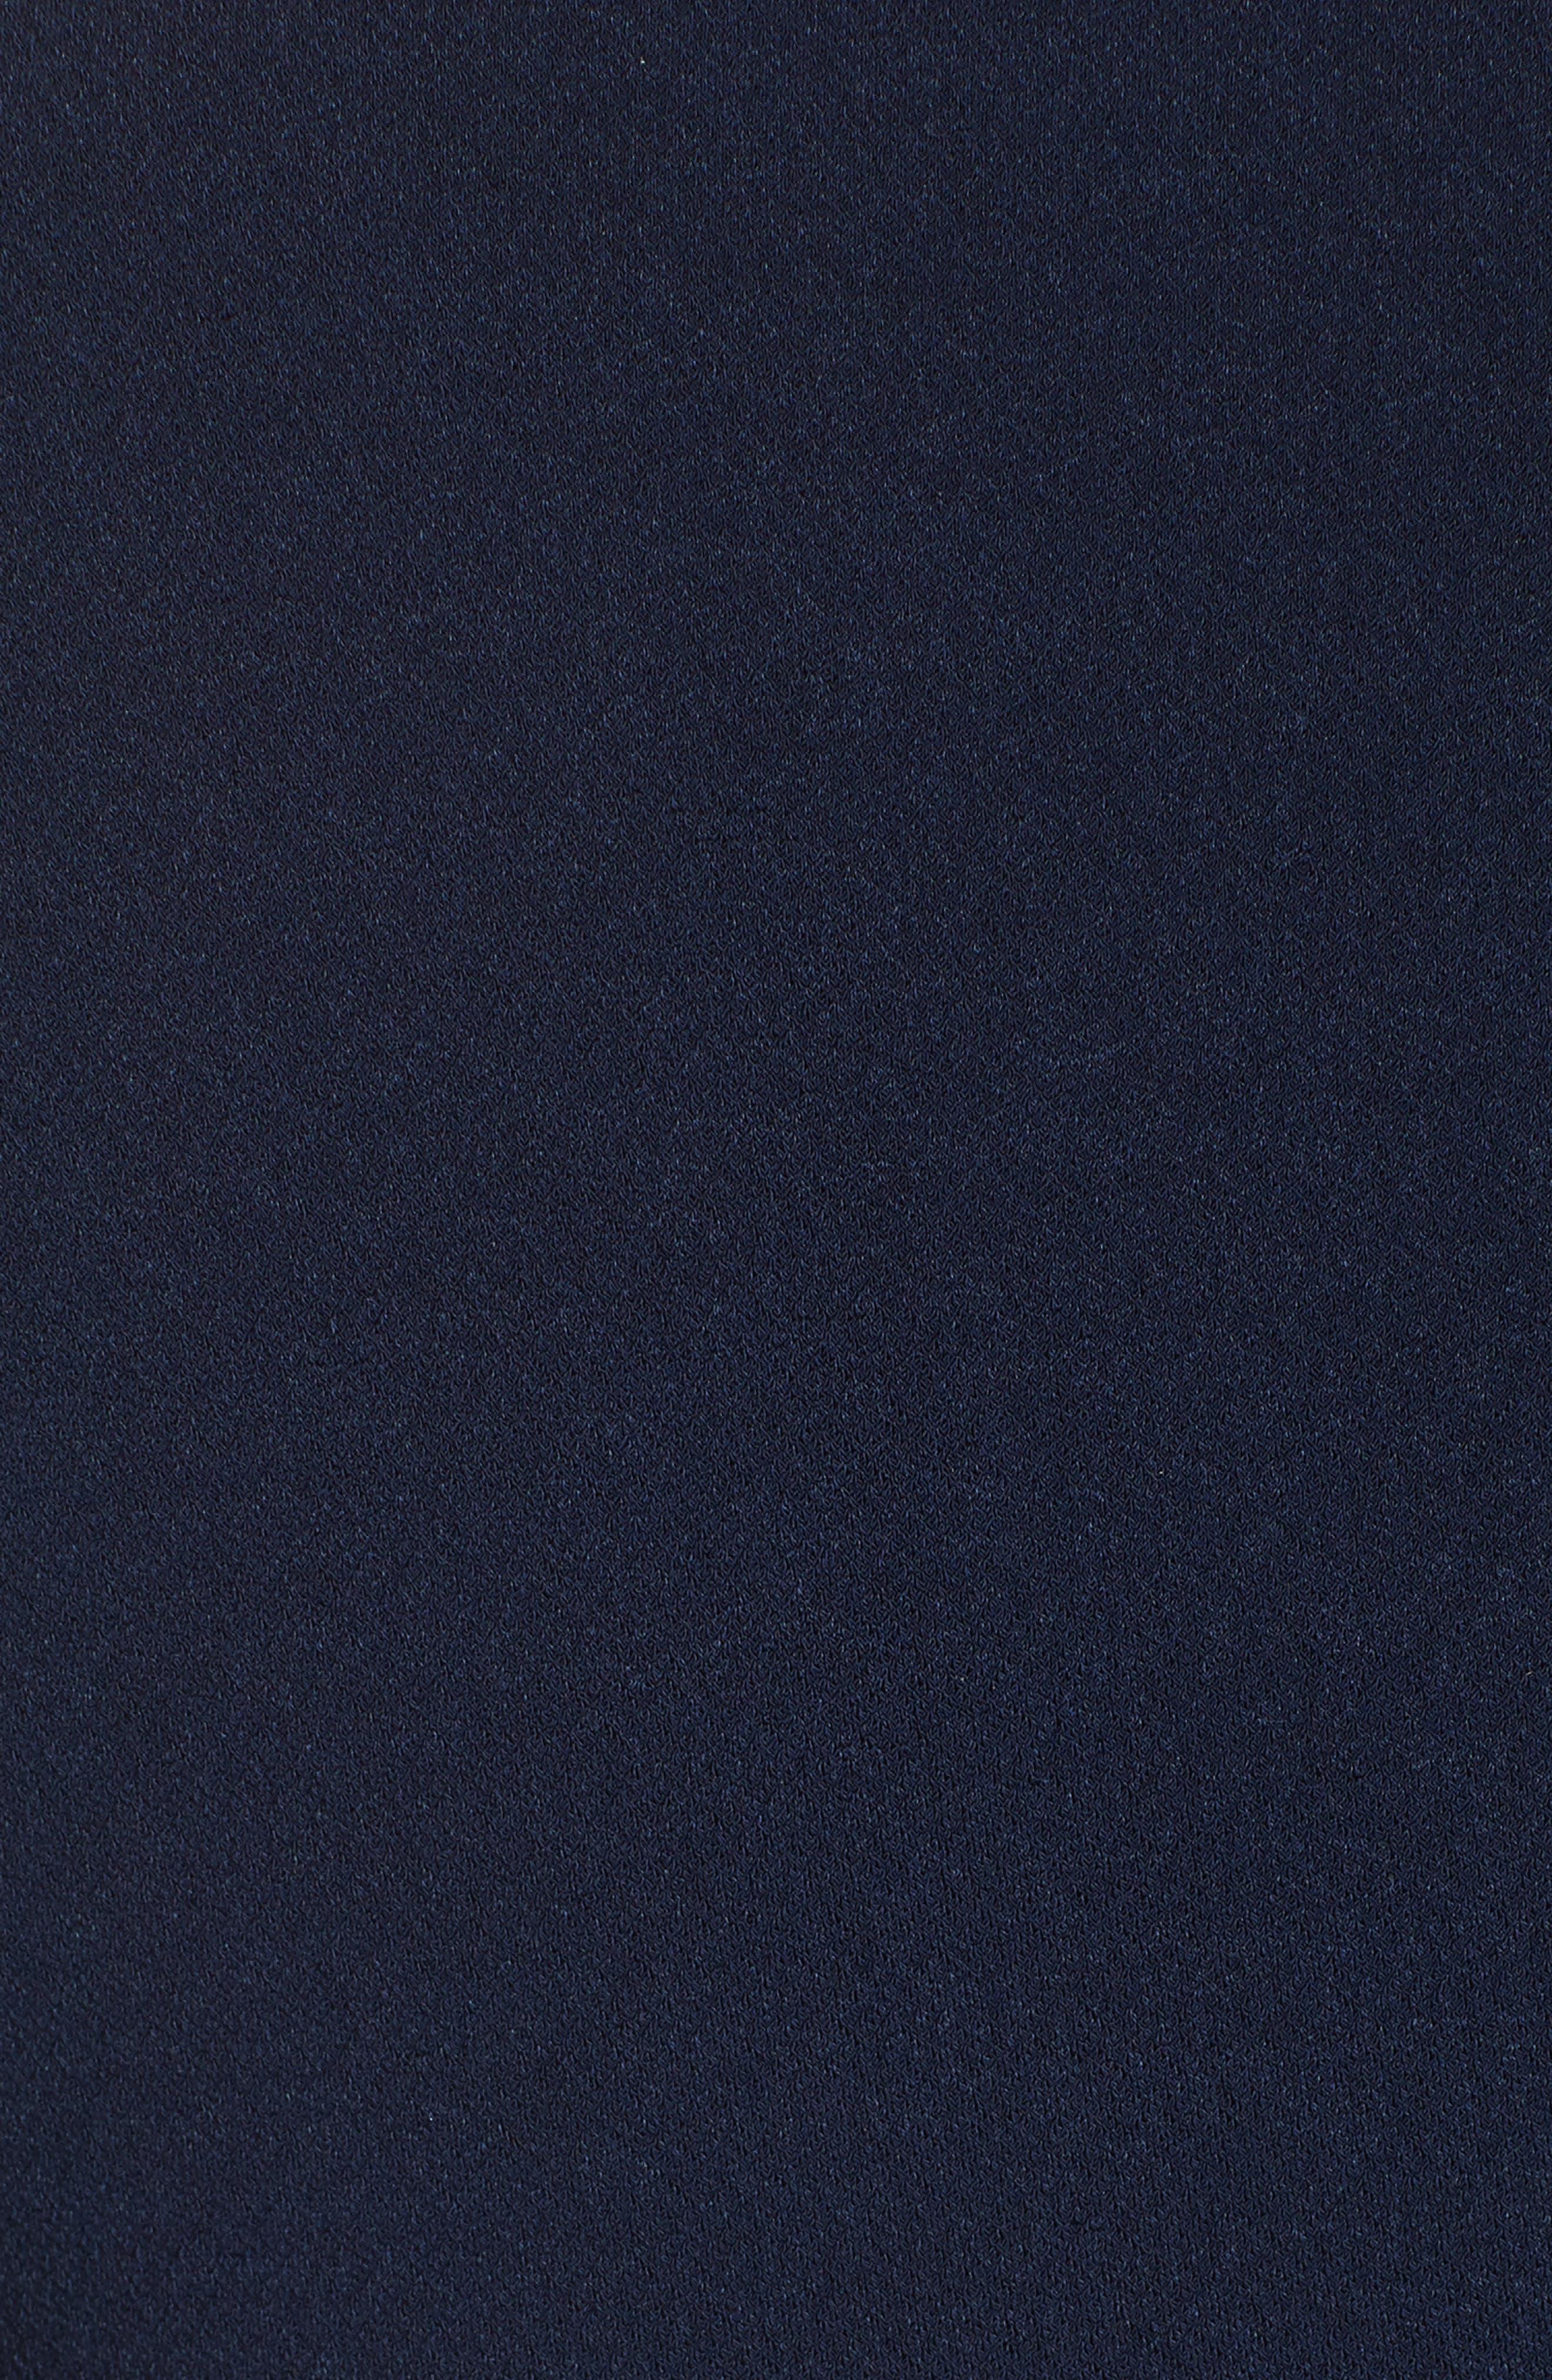 Tabitha Genuine Fox Fur Cuff Dress,                             Alternate thumbnail 5, color,                             400